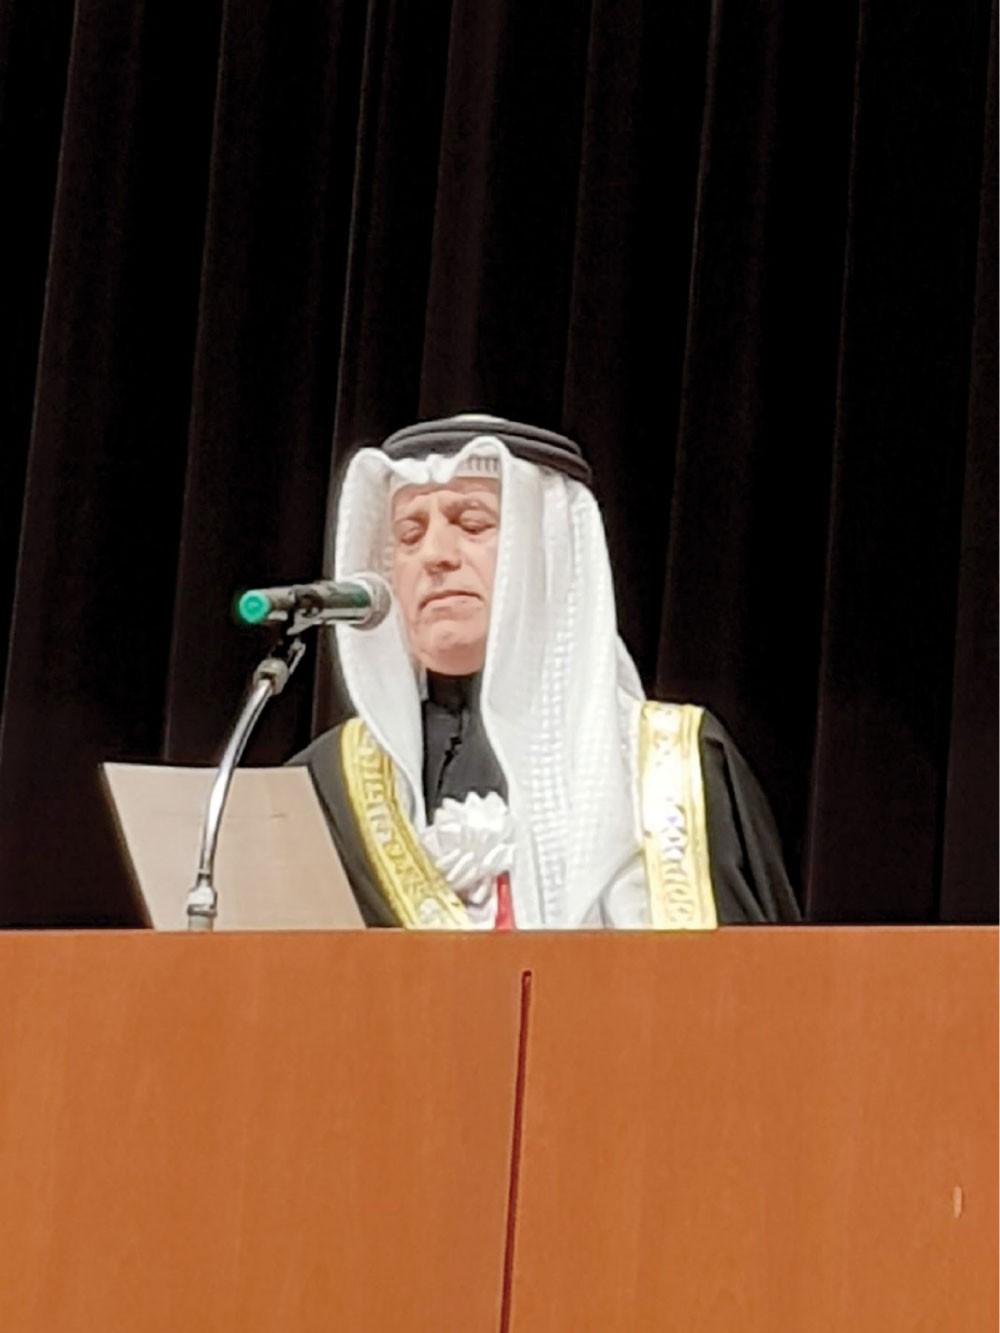 علي بن عبدالله يعلن افتتاح البطولة الآسيوية العاشرة للرماية